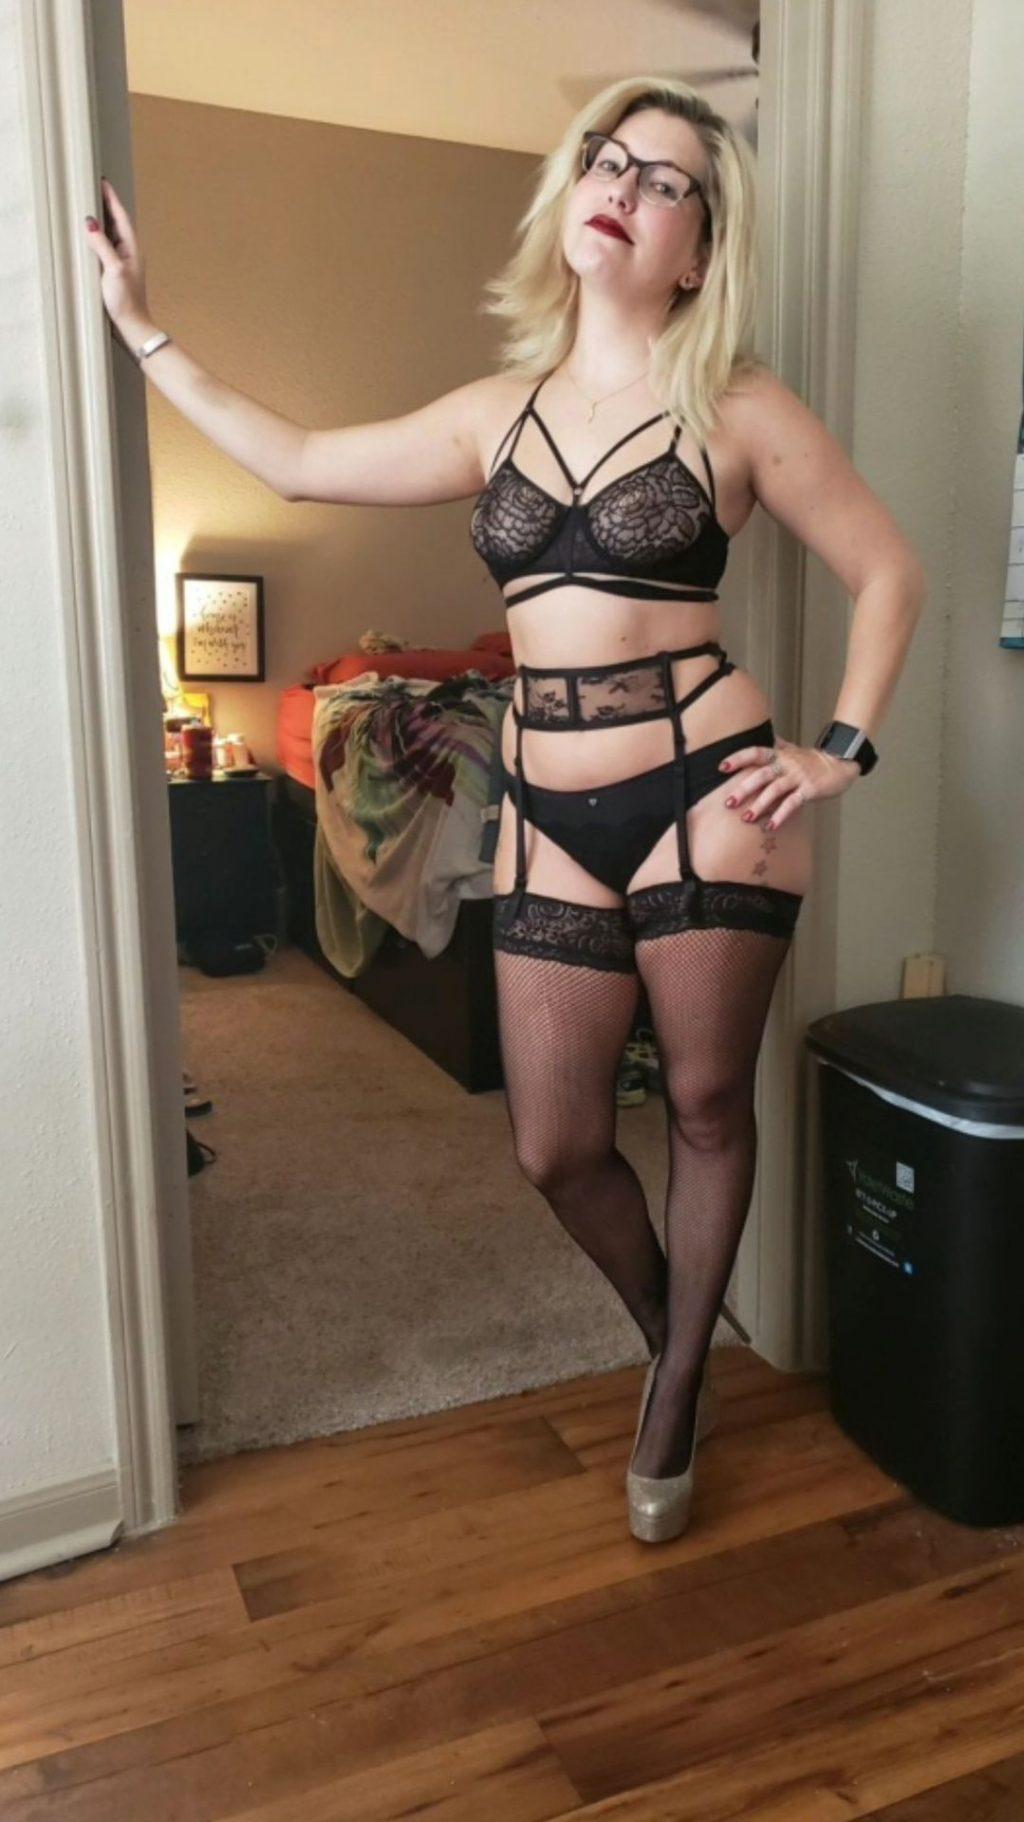 Miss Platinum Petite Nude Leaked (18 Photos)